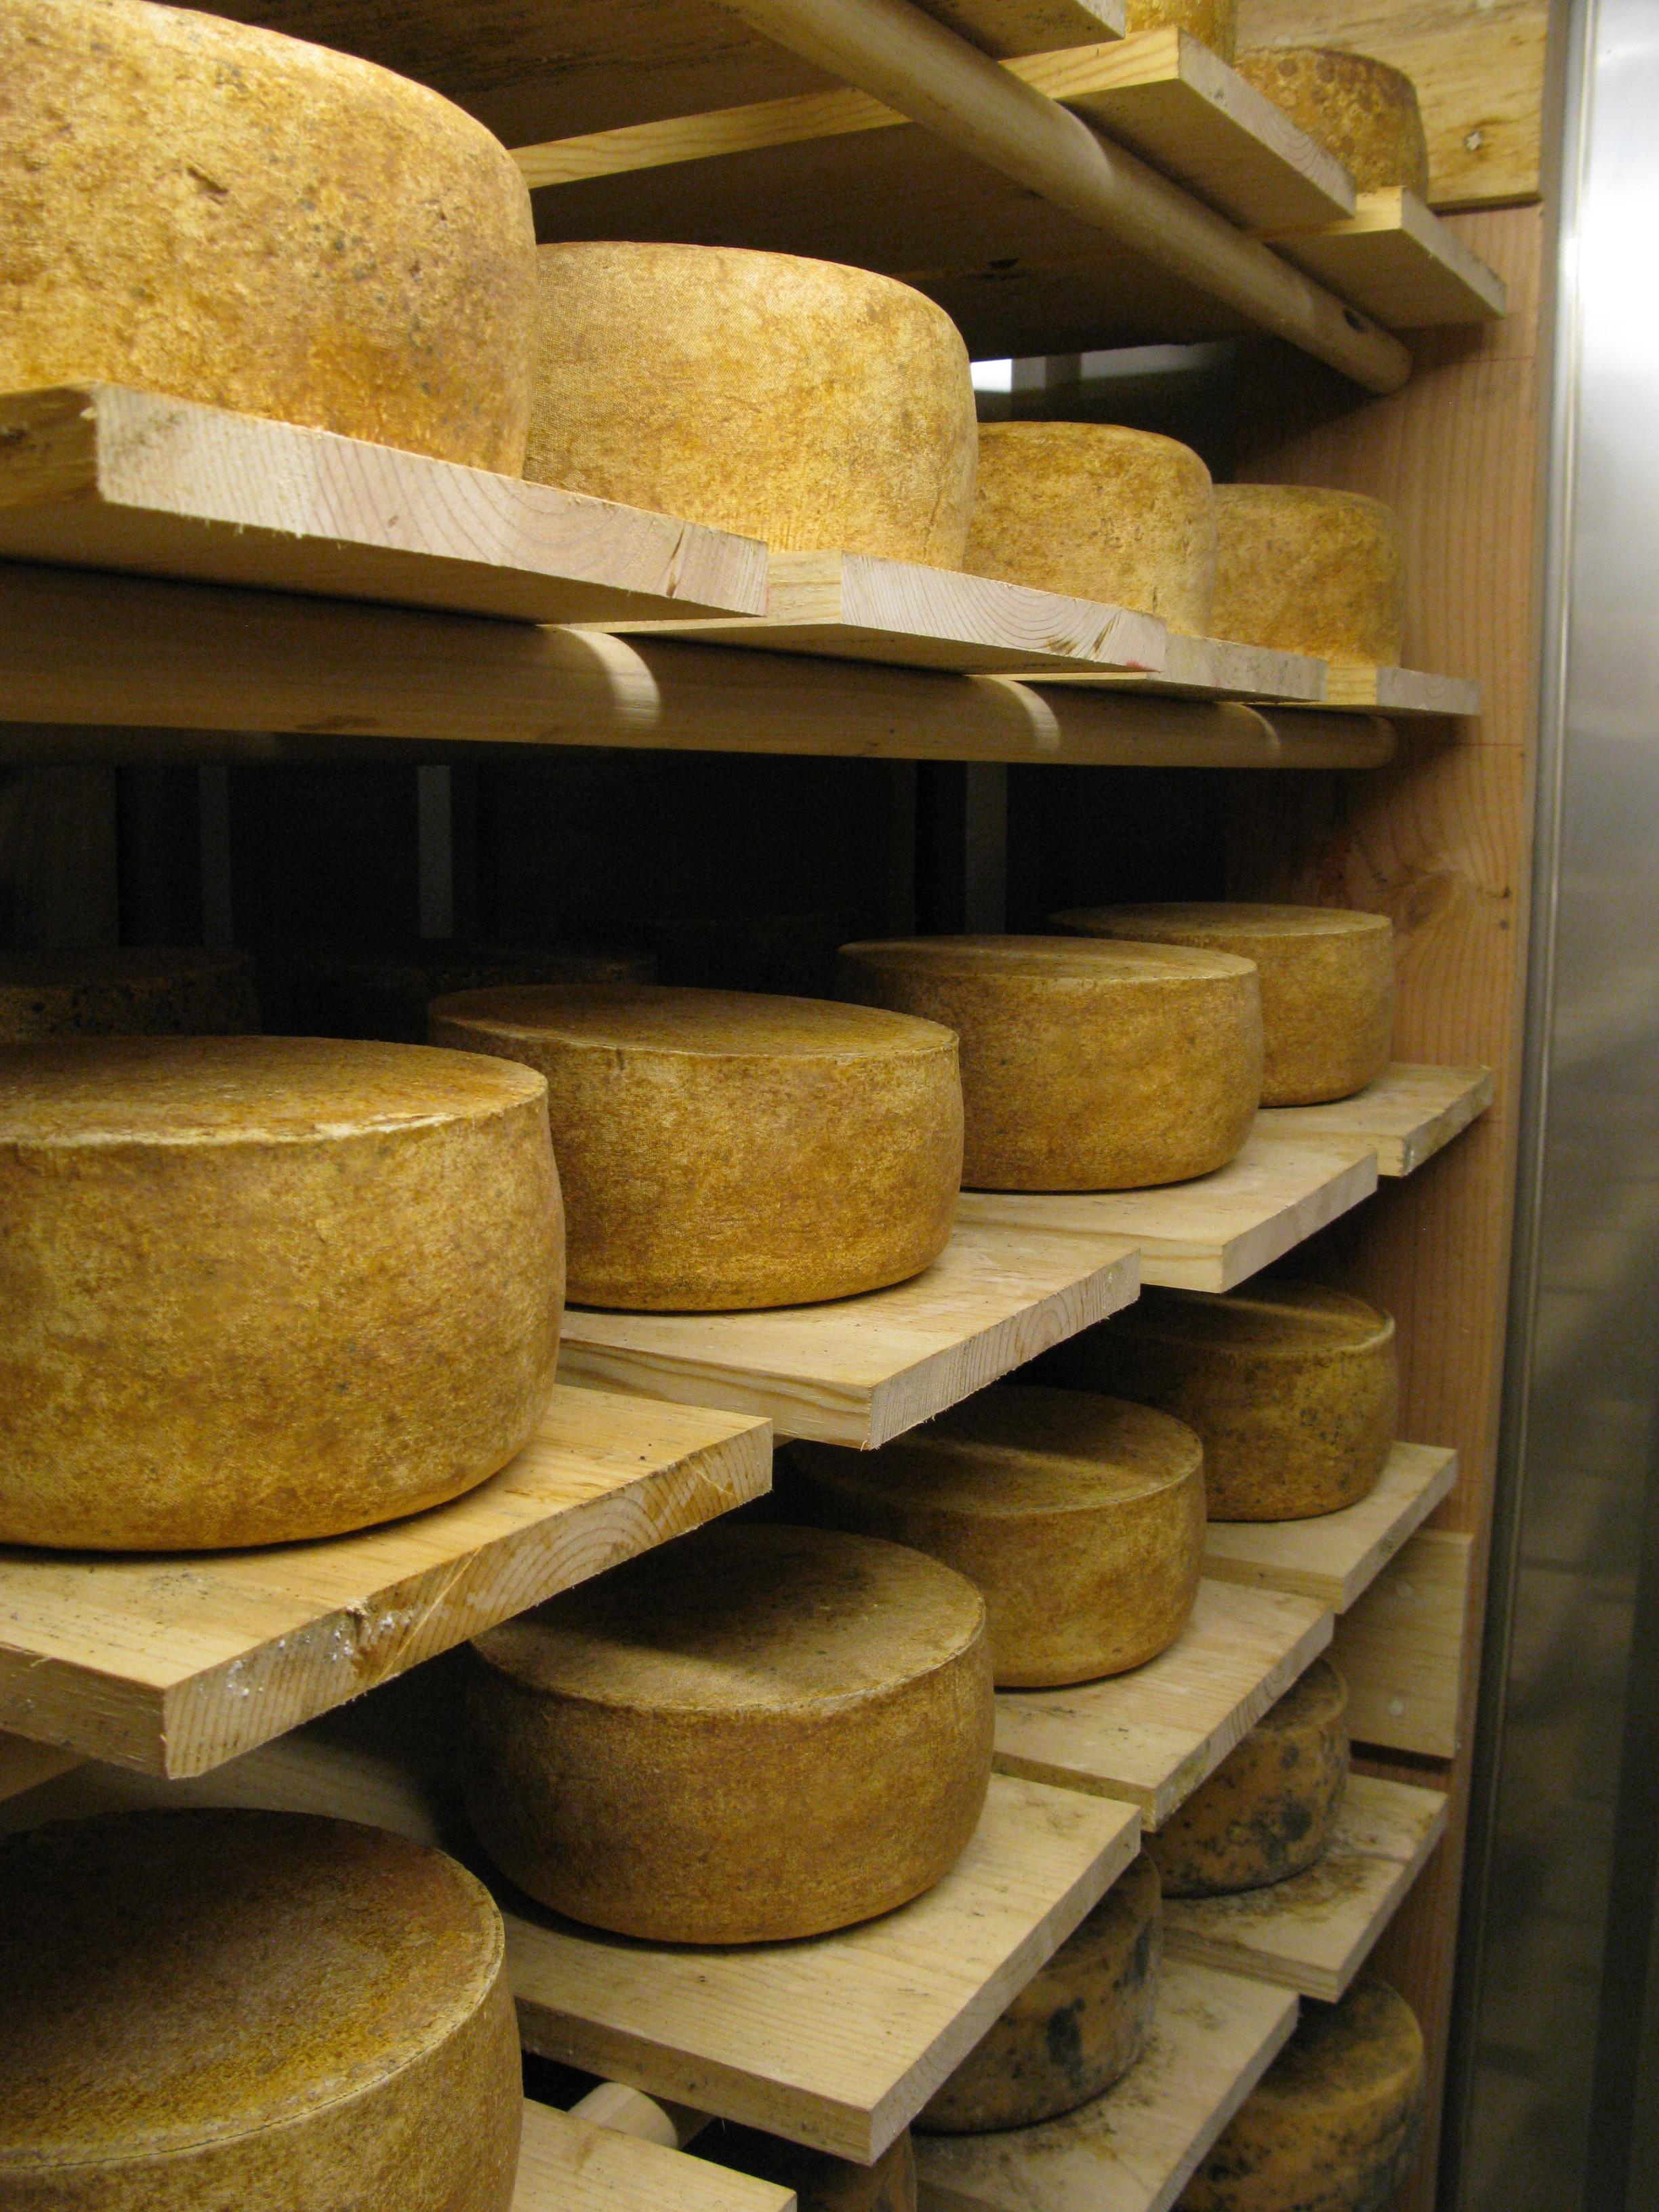 Schoch Cheese 1.jpg